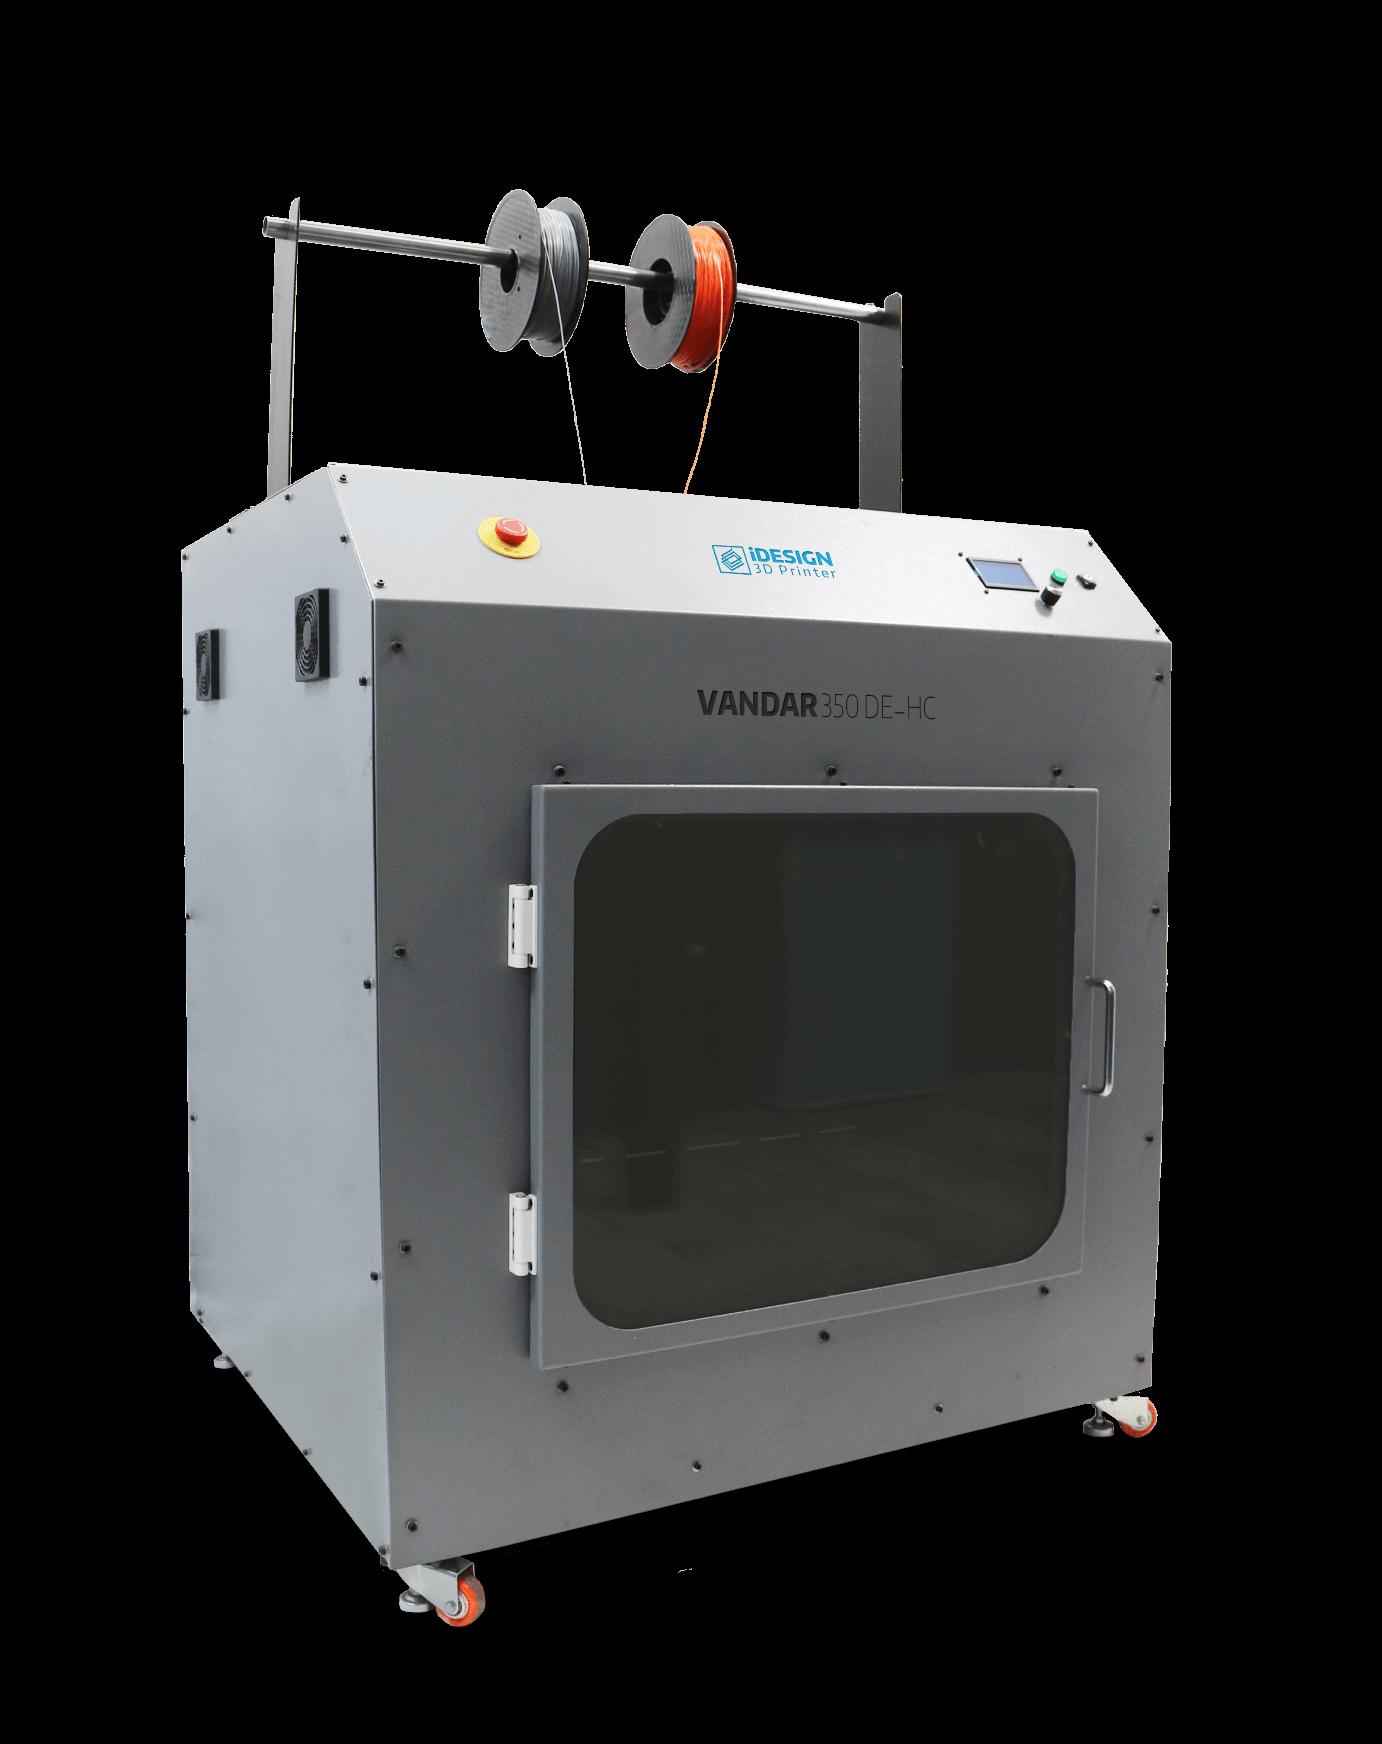 پرینتر سه بعدی محفظه گرم دو نازل – وندار ۳۵۰